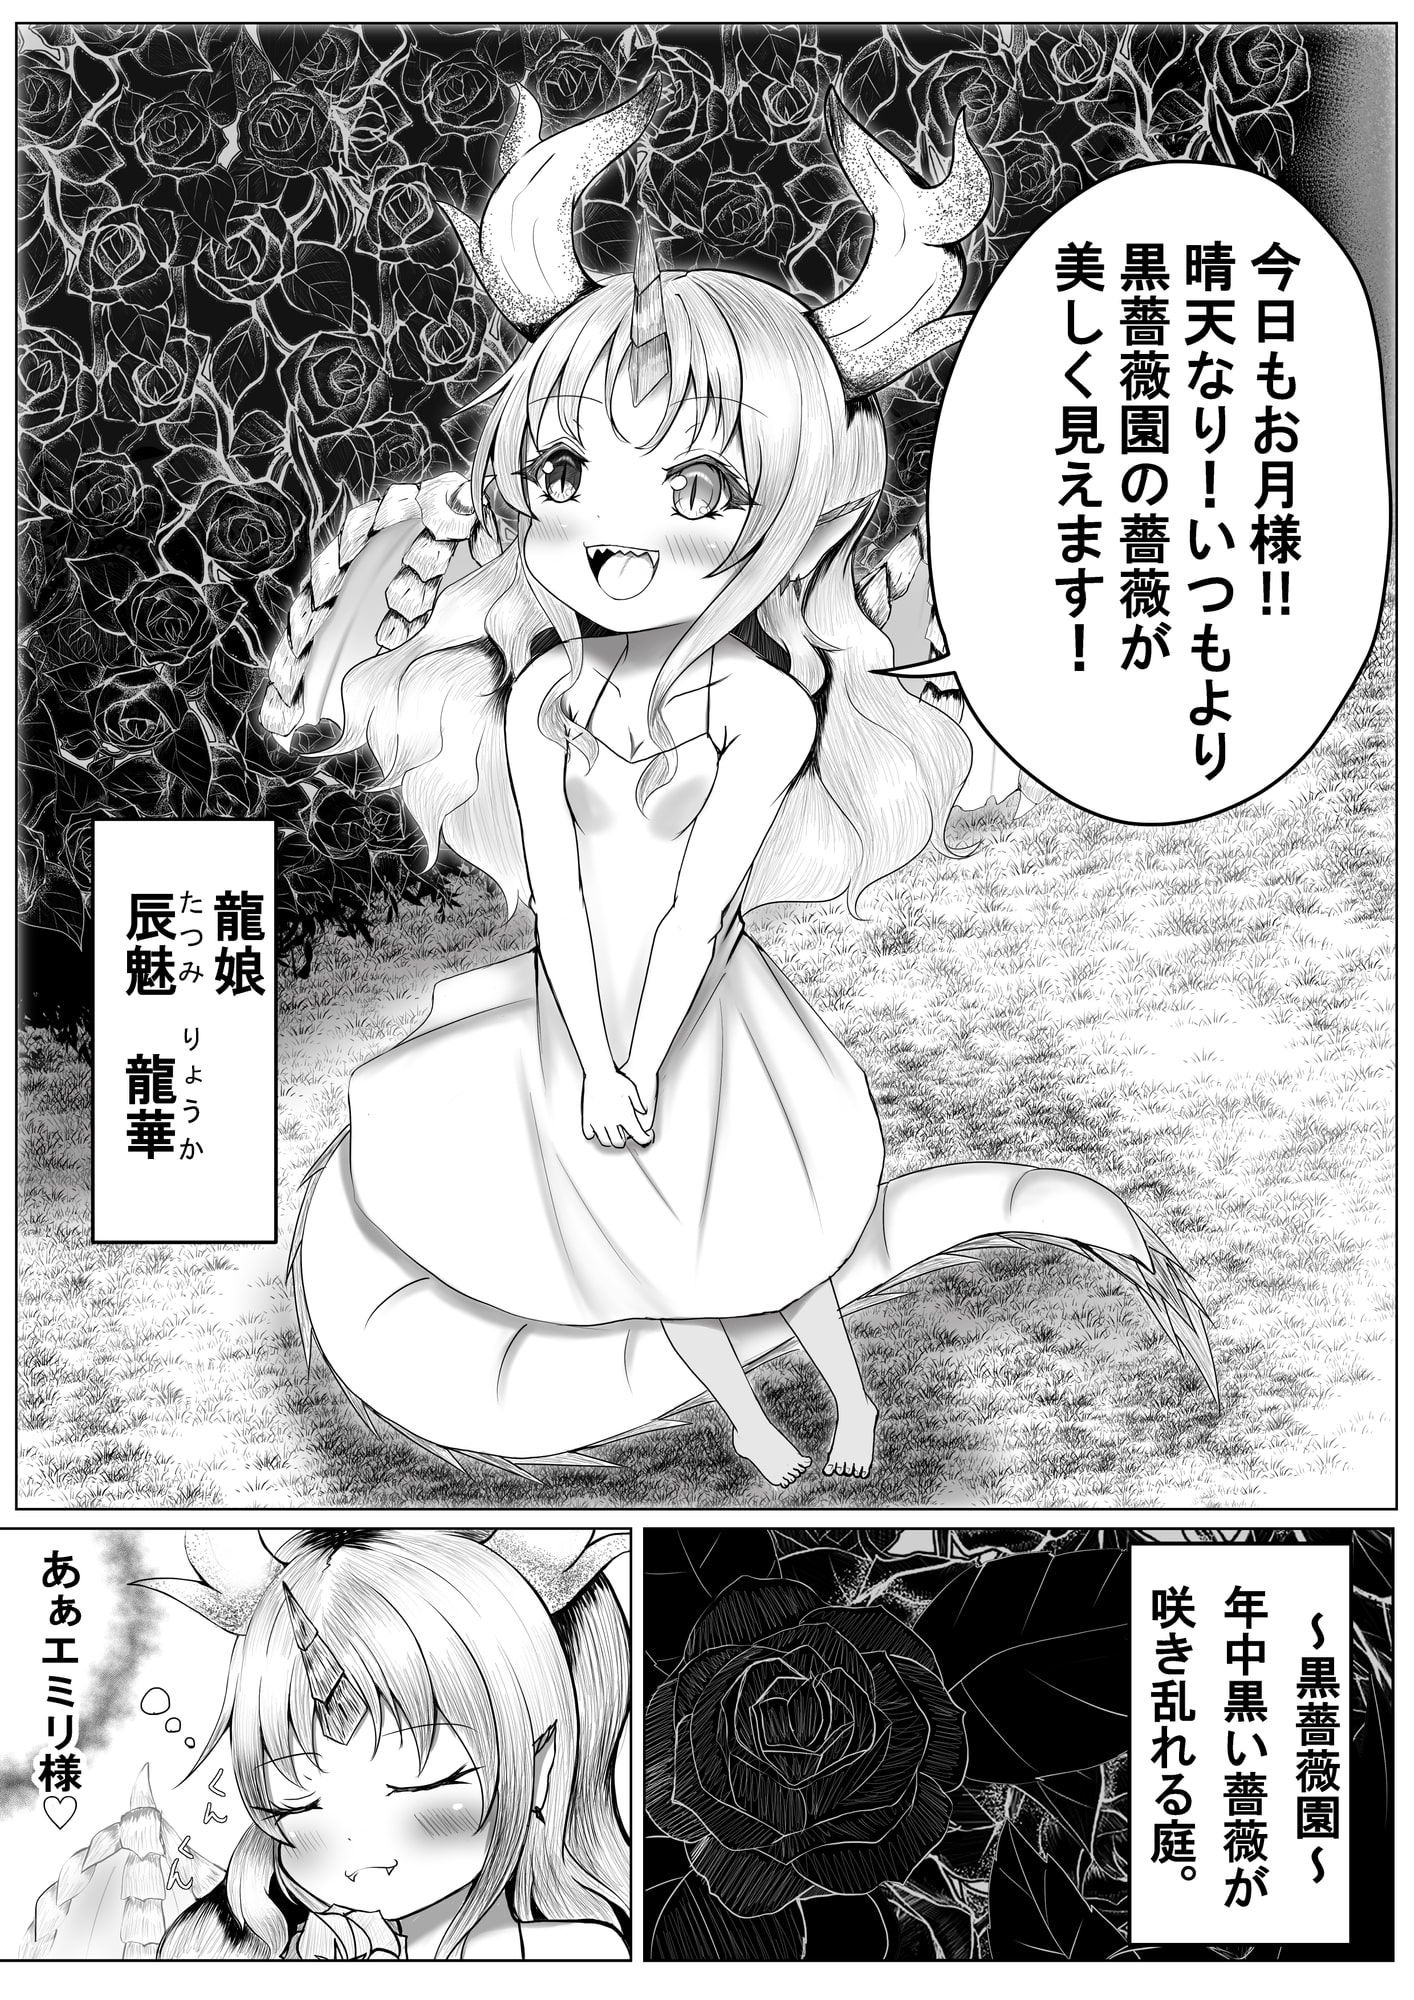 RJ344023 黒薔薇園に咲く一輪の紅薔薇 [20210920]